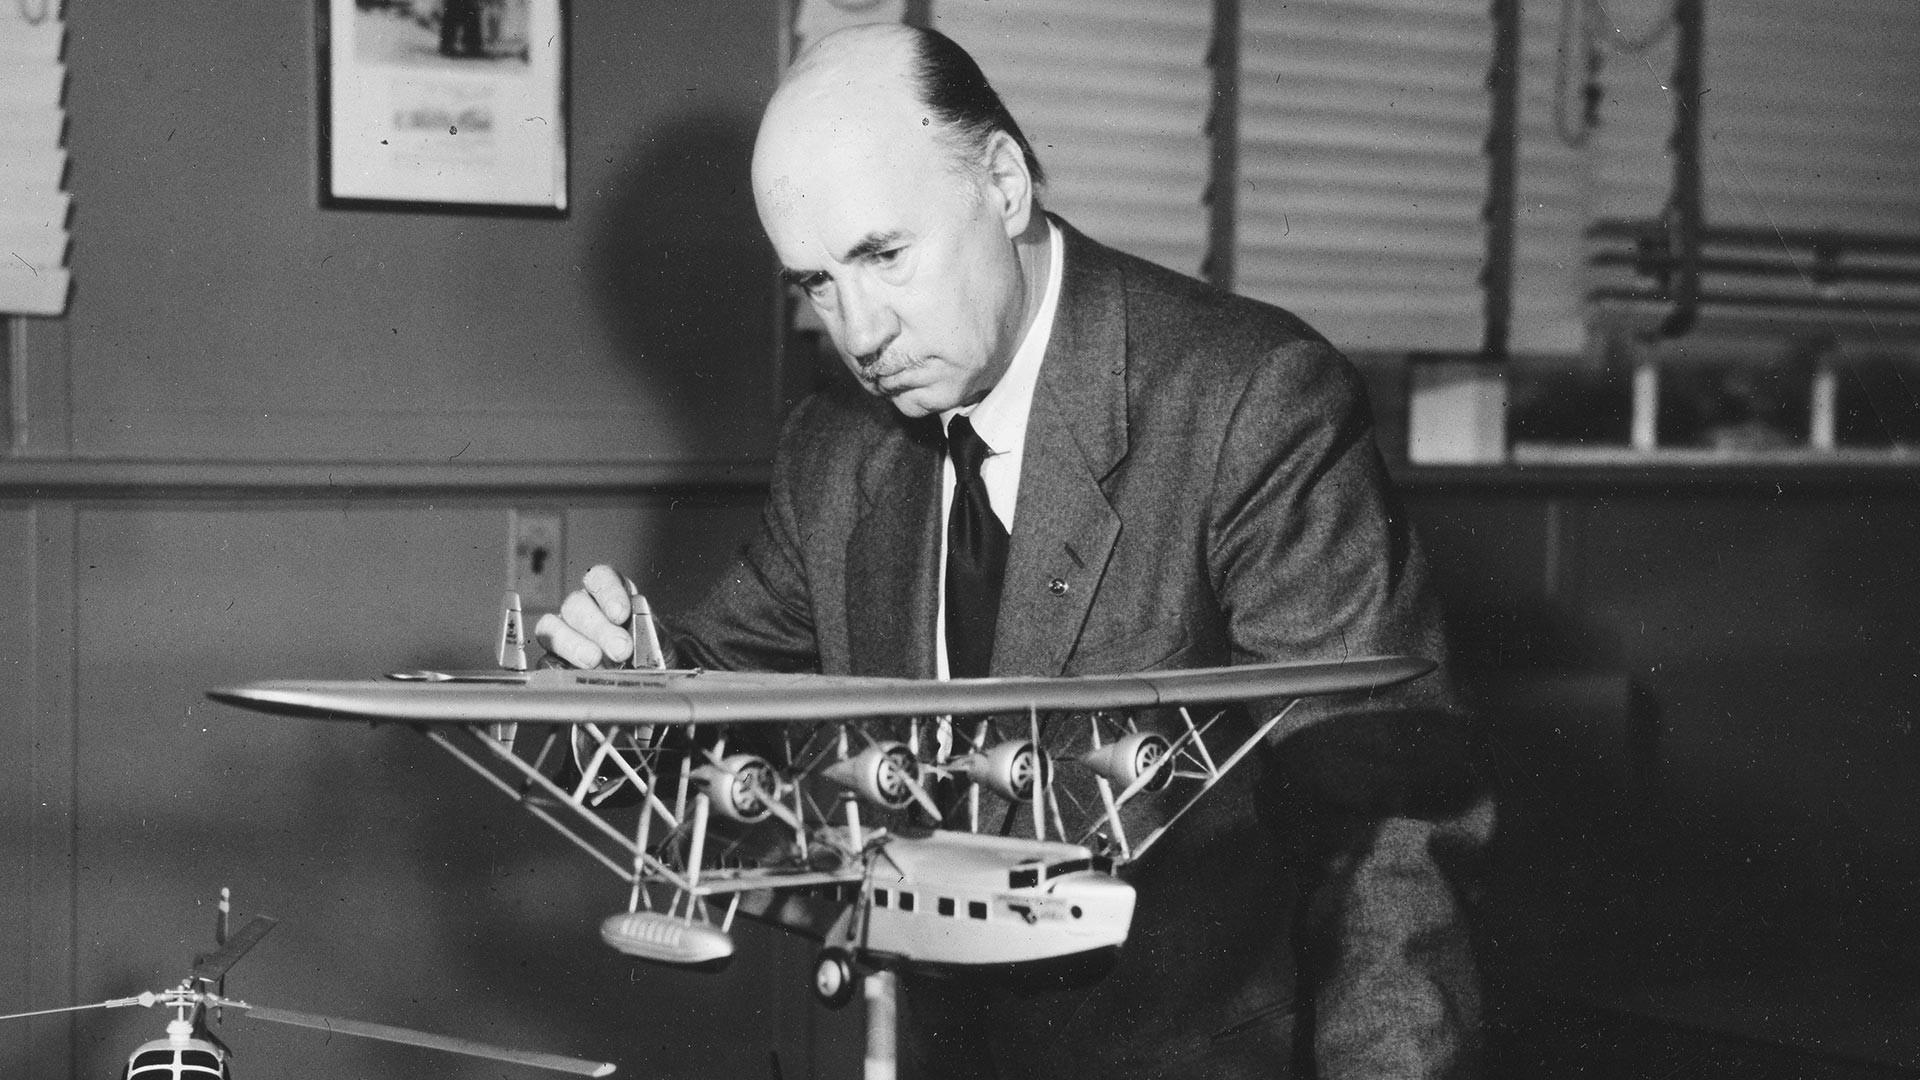 Igor I. Sikorski s maketom višemotornog aviona, sredina 1950-ih.